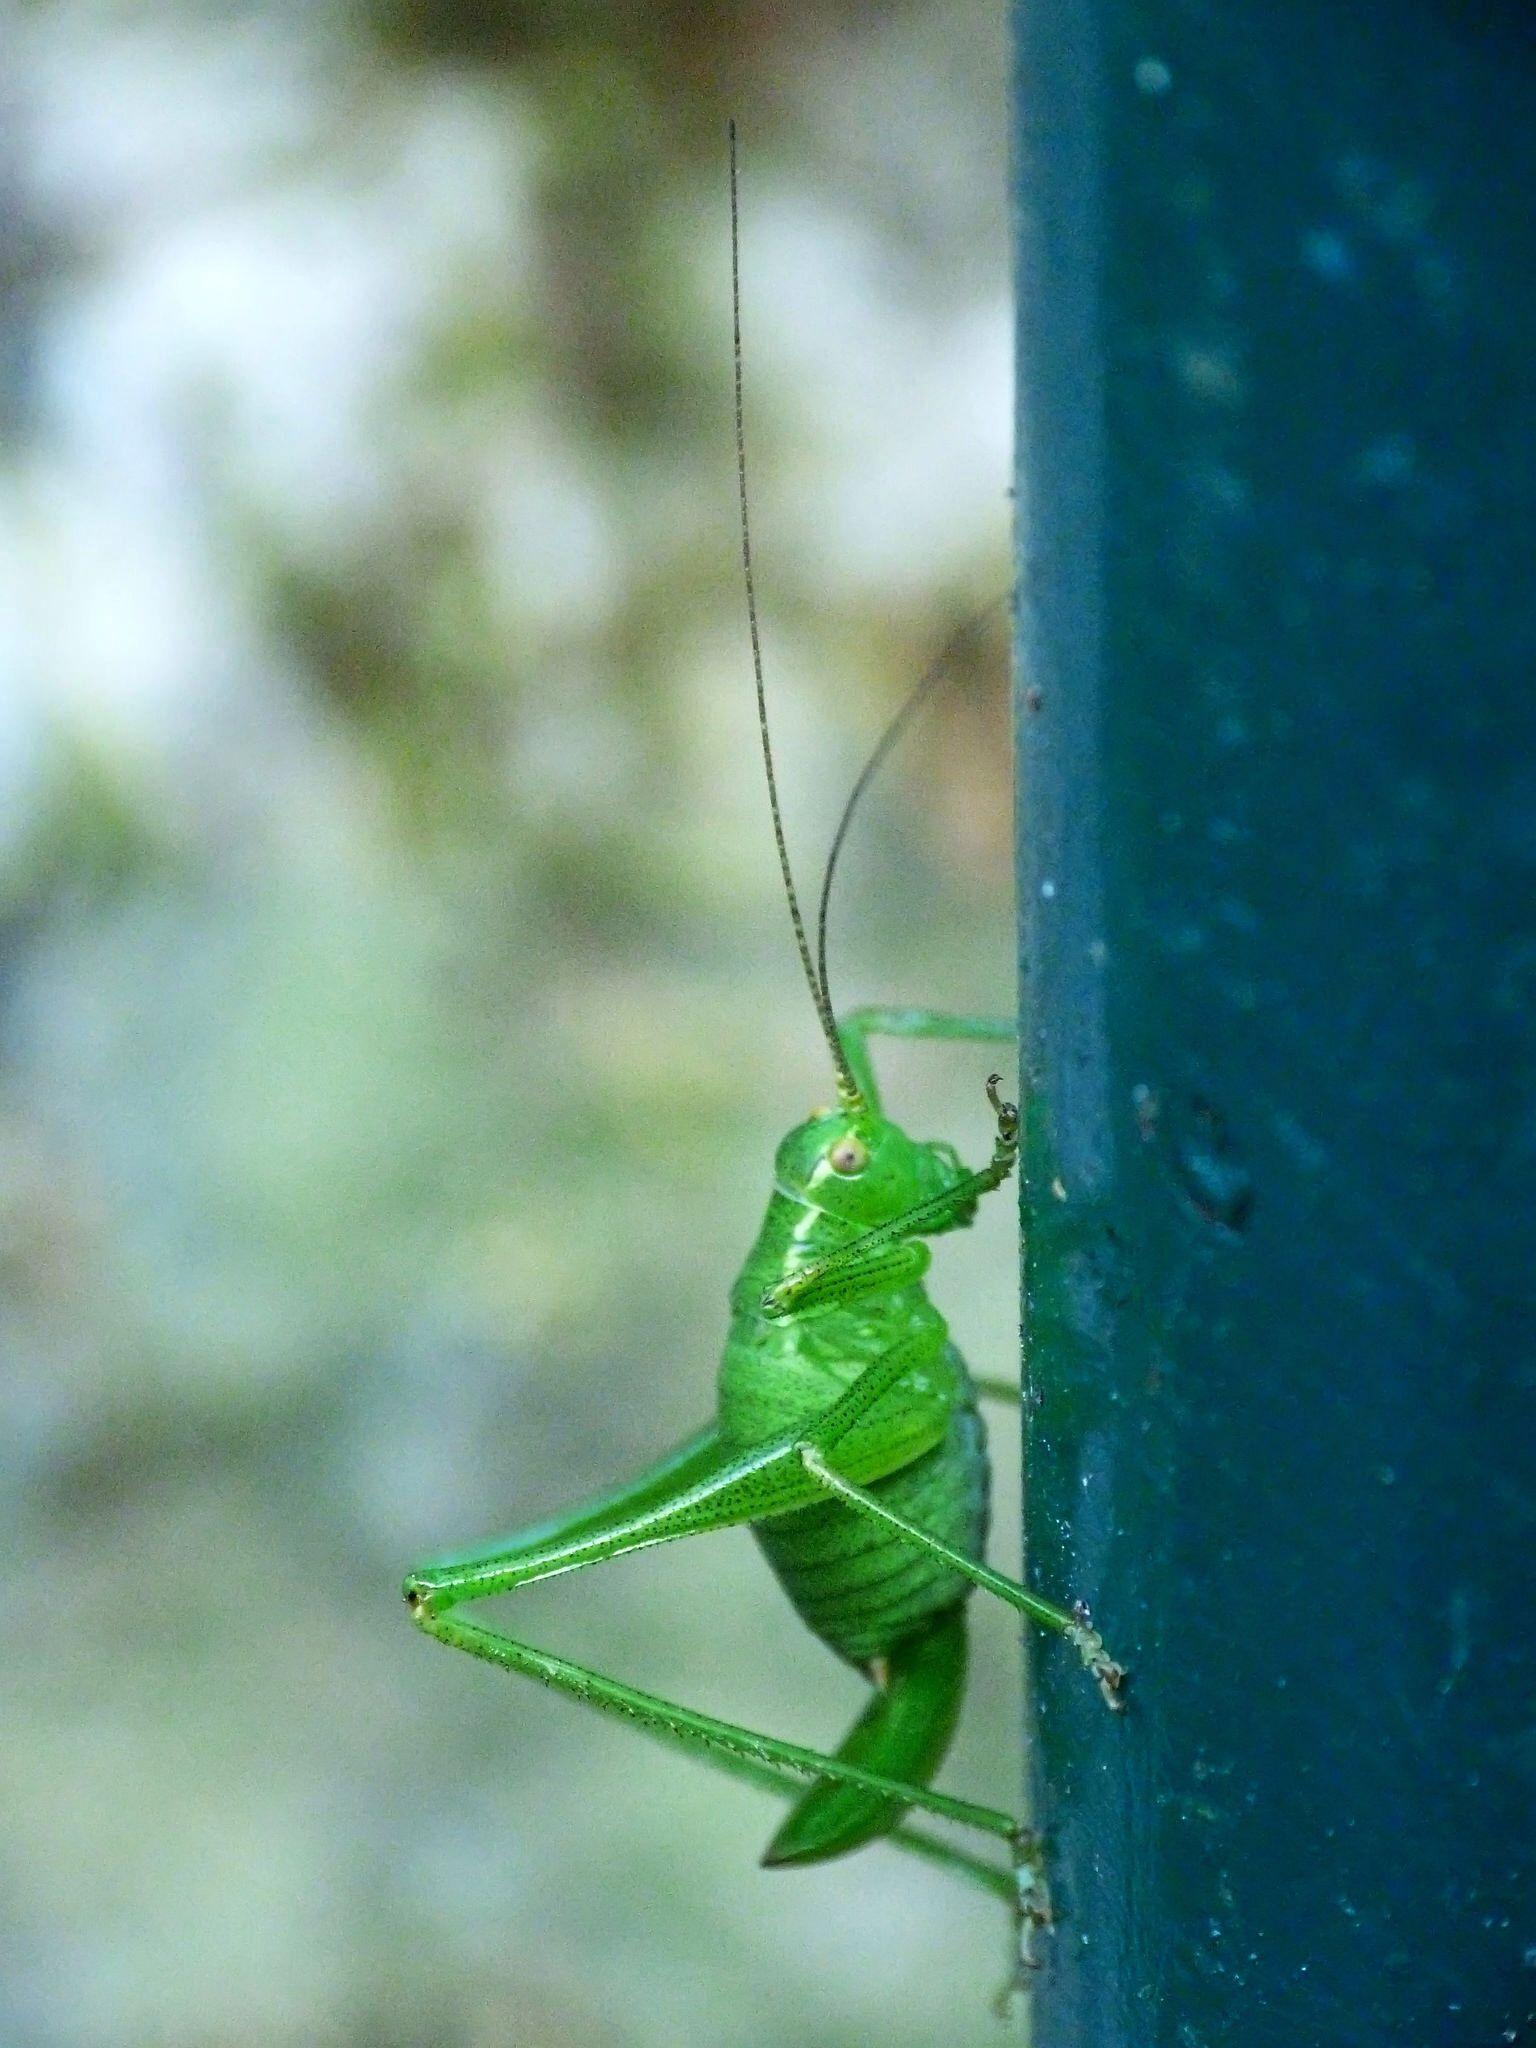 Grashüpfer - Grasshopper